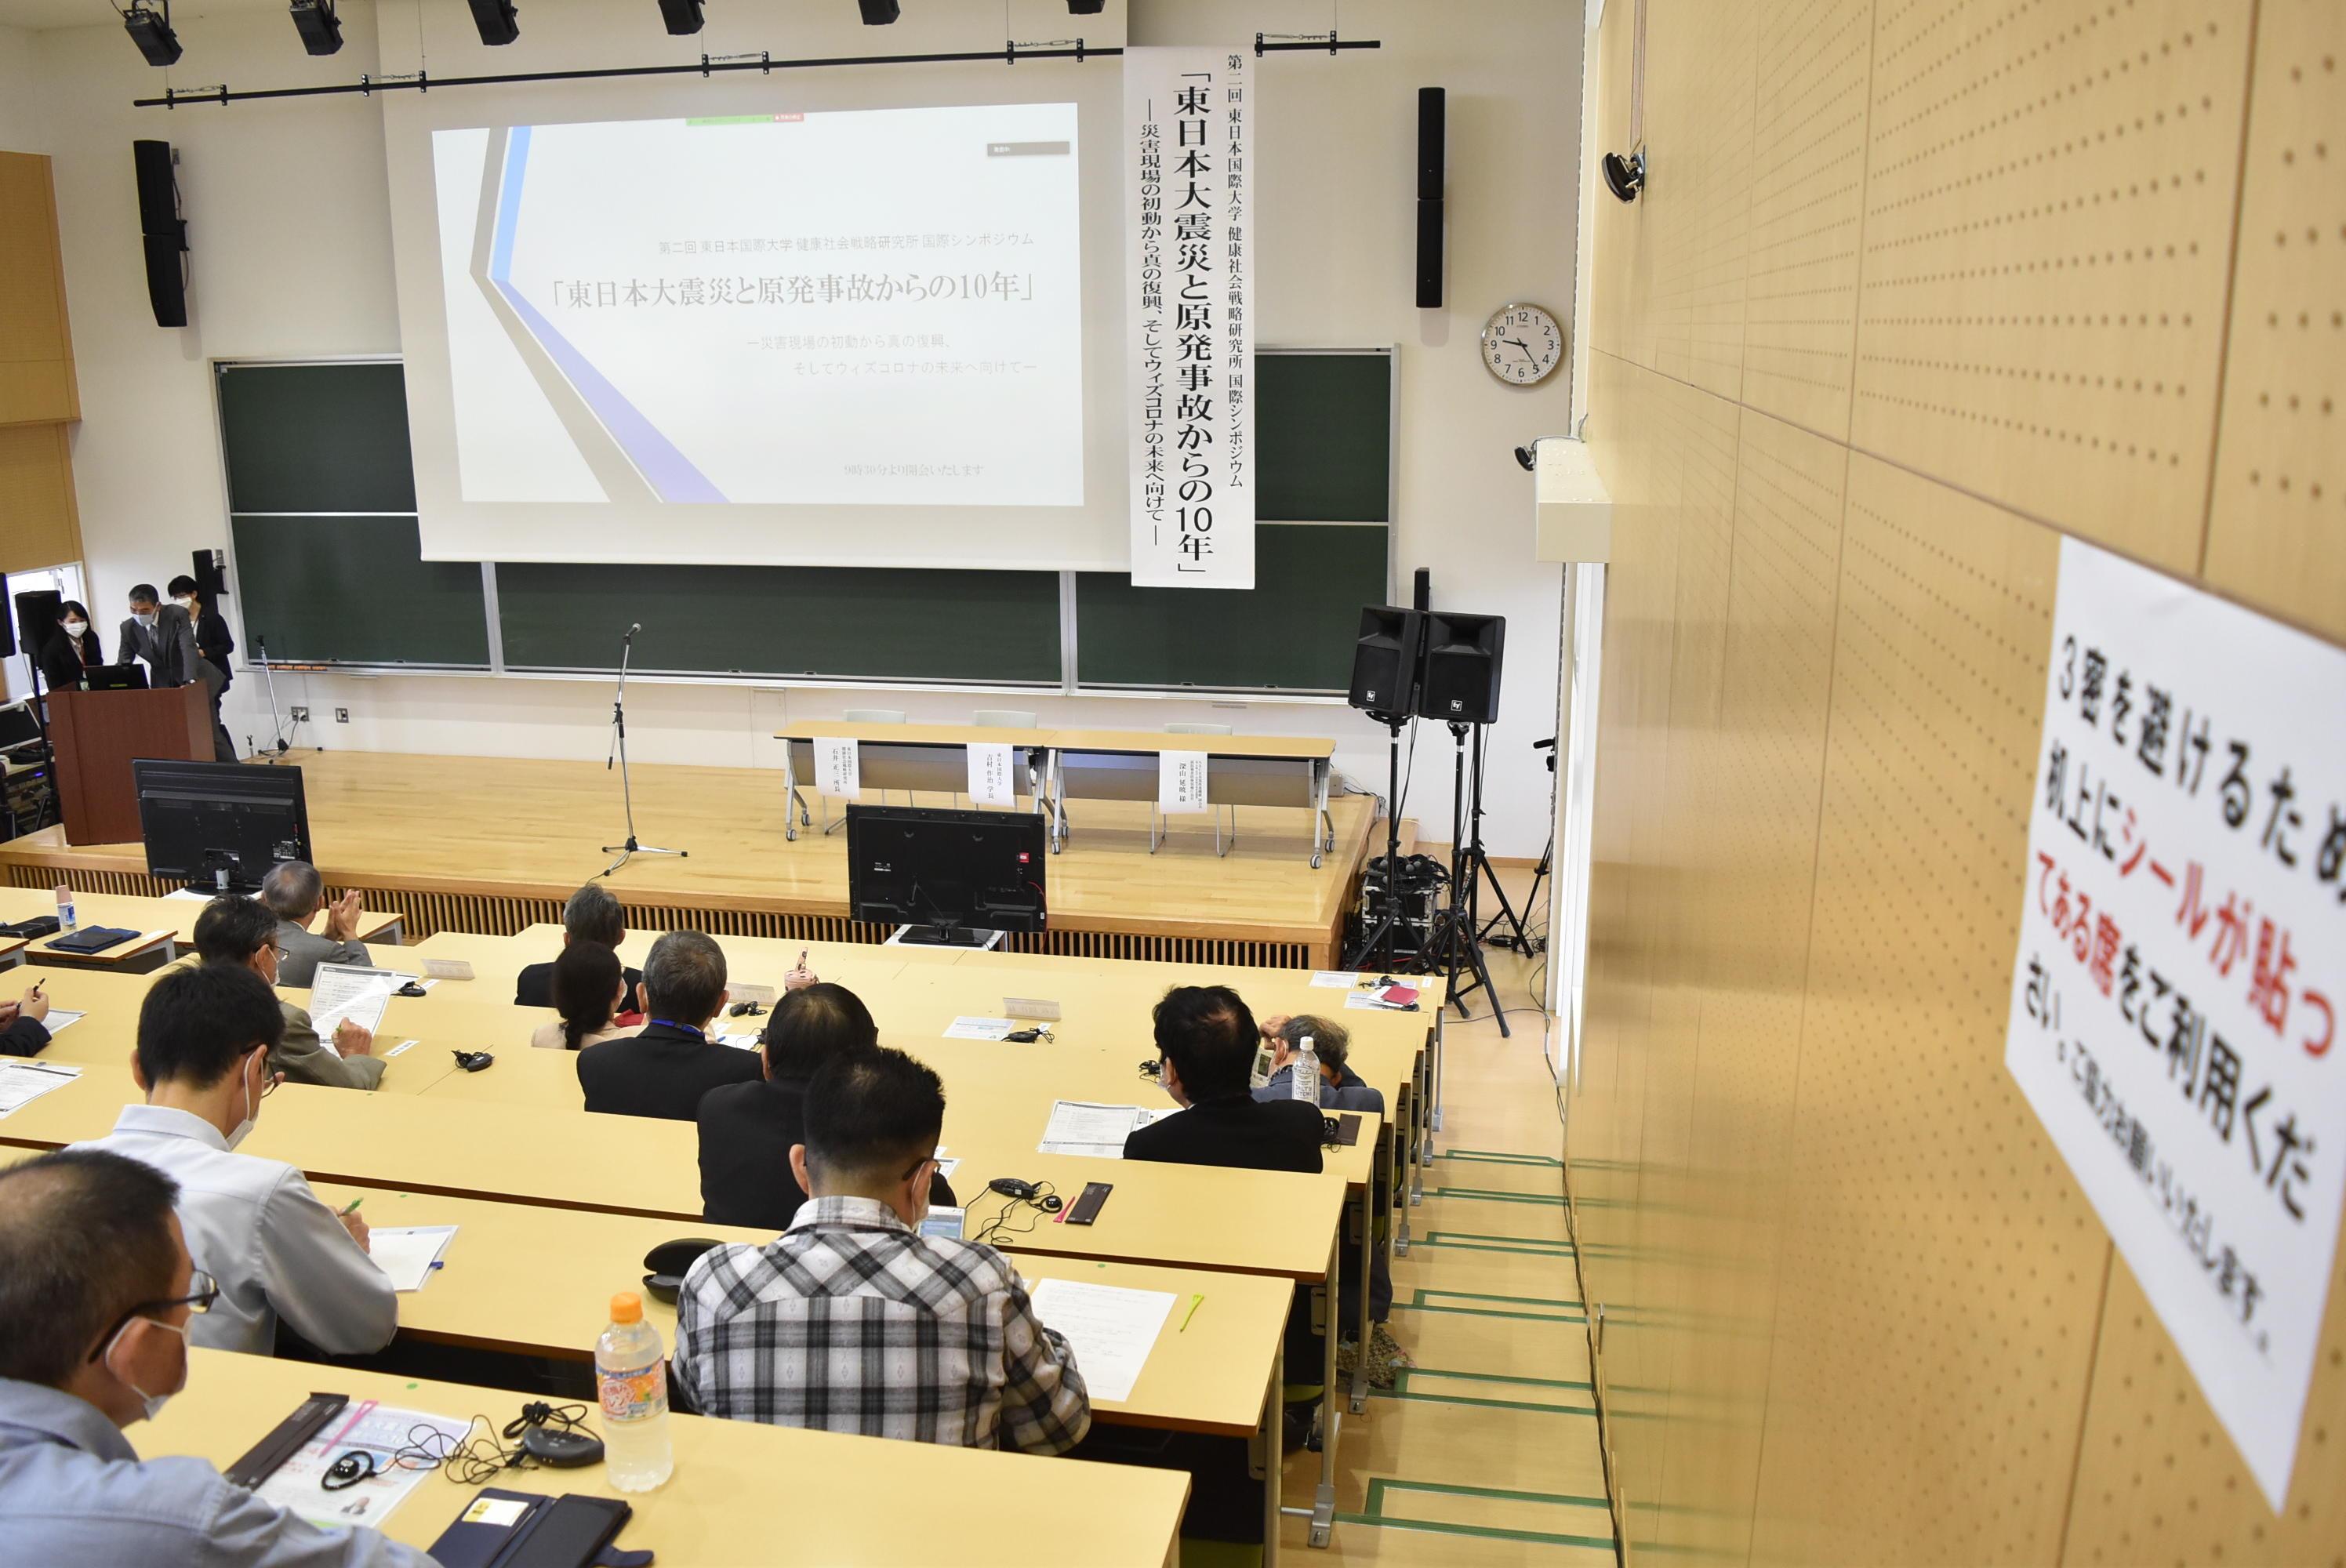 東日本国際大学が国際シンポジウム「東日本大震災と原発事故からの10年」を10月に開催 -- ウィズコロナも視野に入れた社会復興に向け、被災地である地元・福島から提言